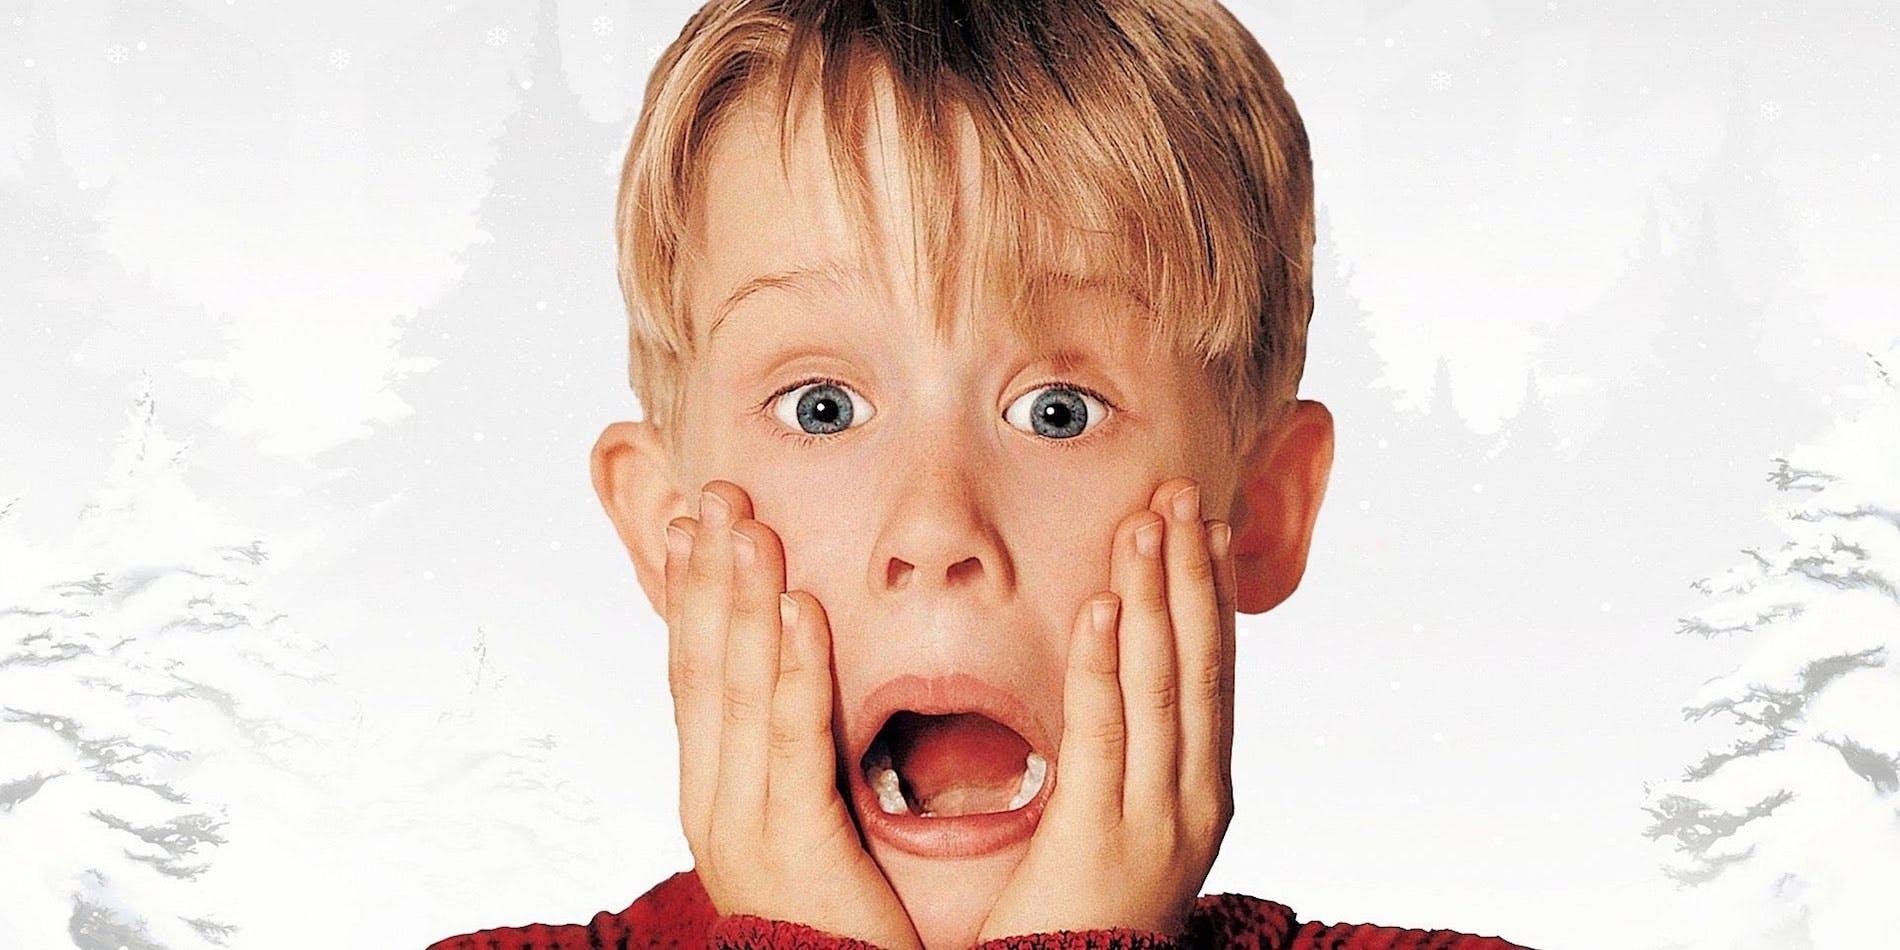 Macaulay culkin dans le role de Kevin McCallister dans la série d origine maman j ai raté l avion